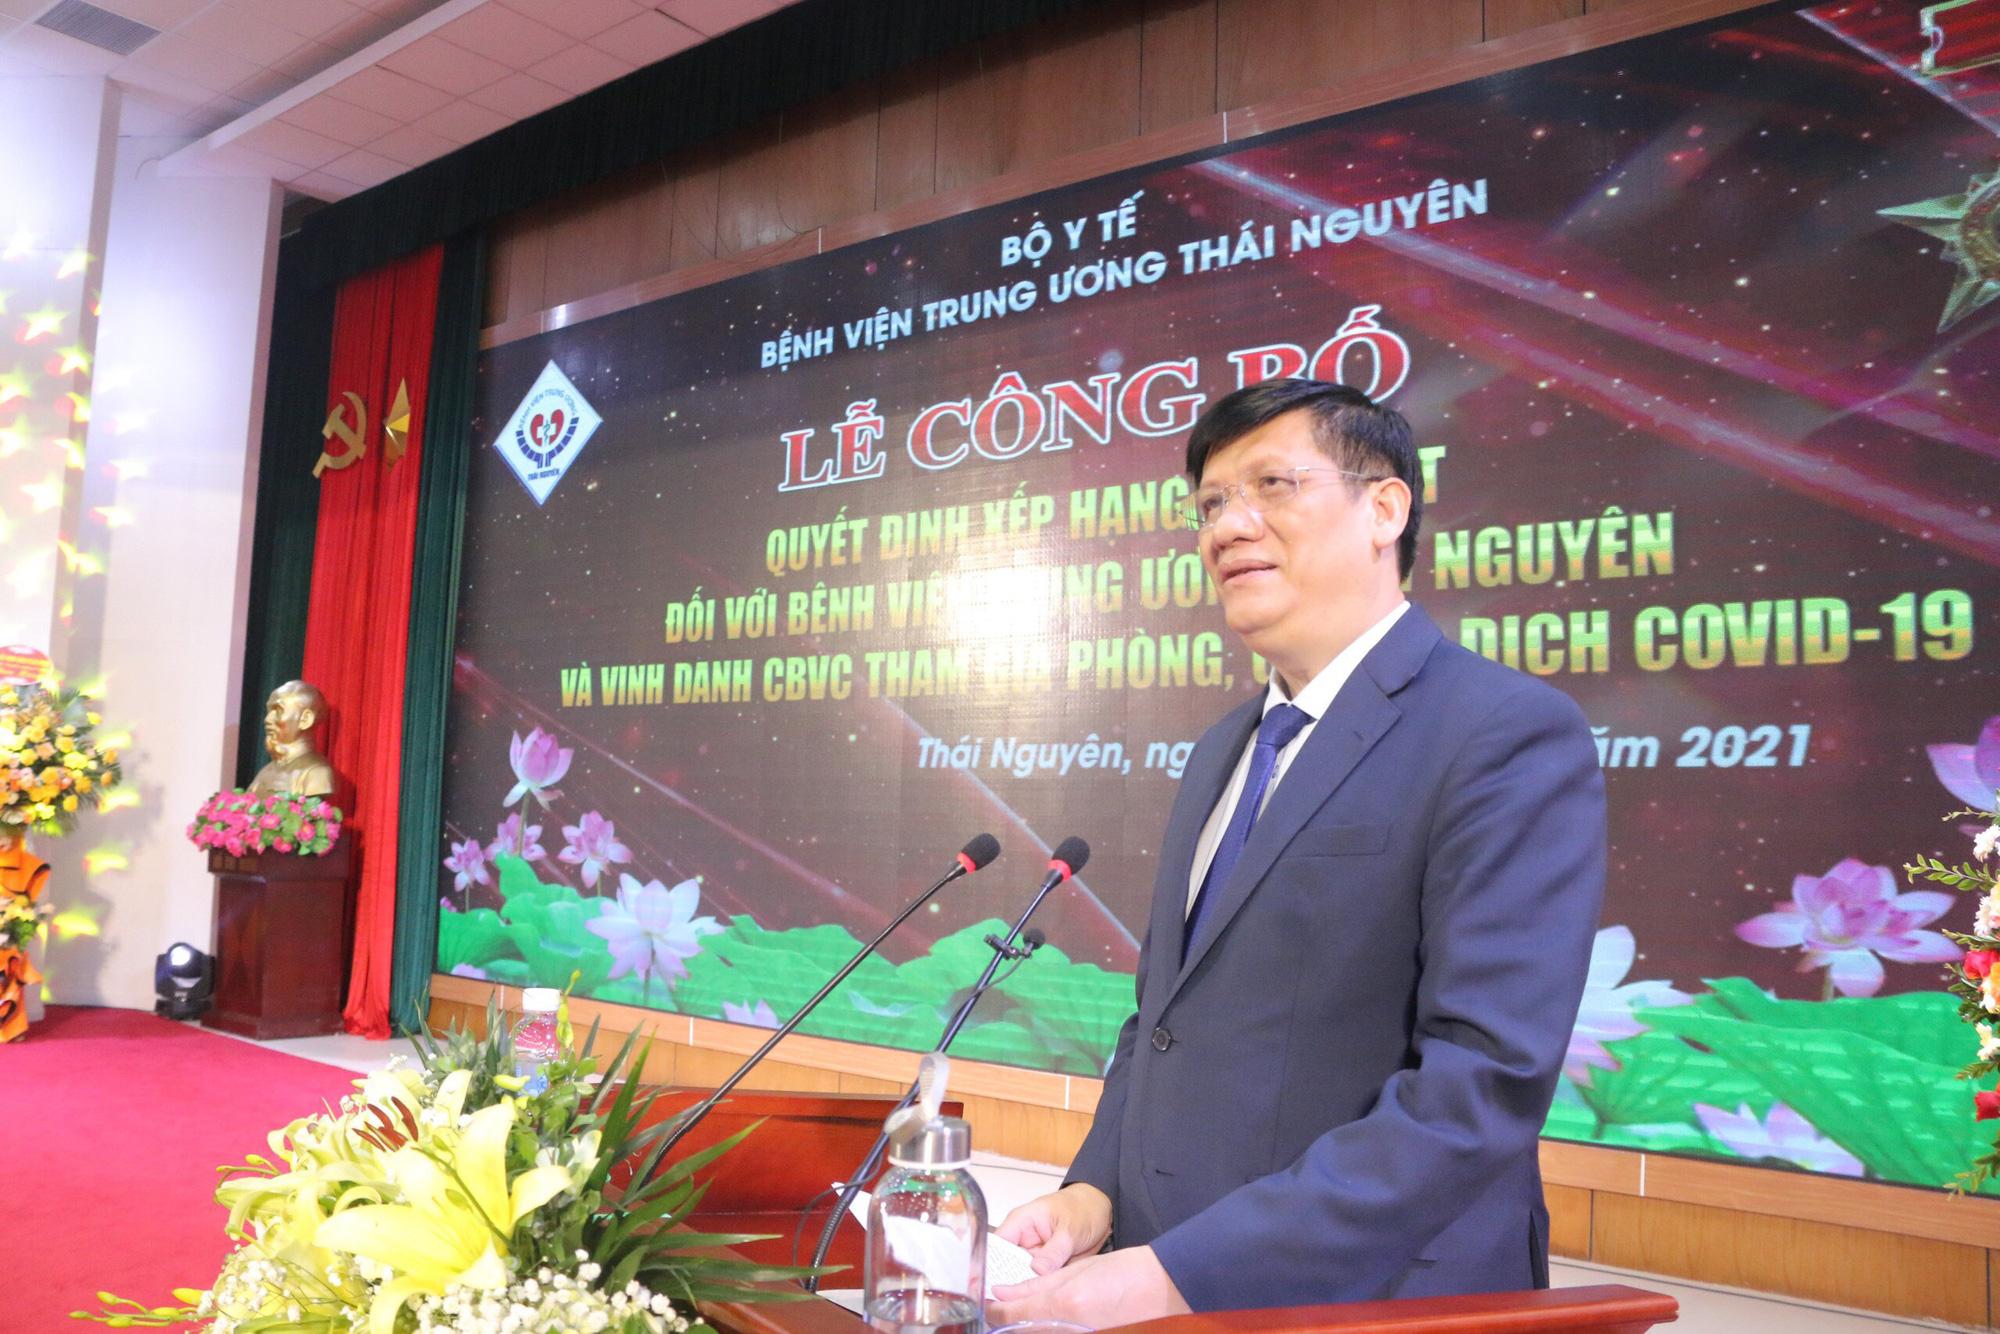 Bộ trưởng Bộ Y tế trao quyết định hạng đặc biệt cho BV TW Thái Nguyên - Ảnh 1.